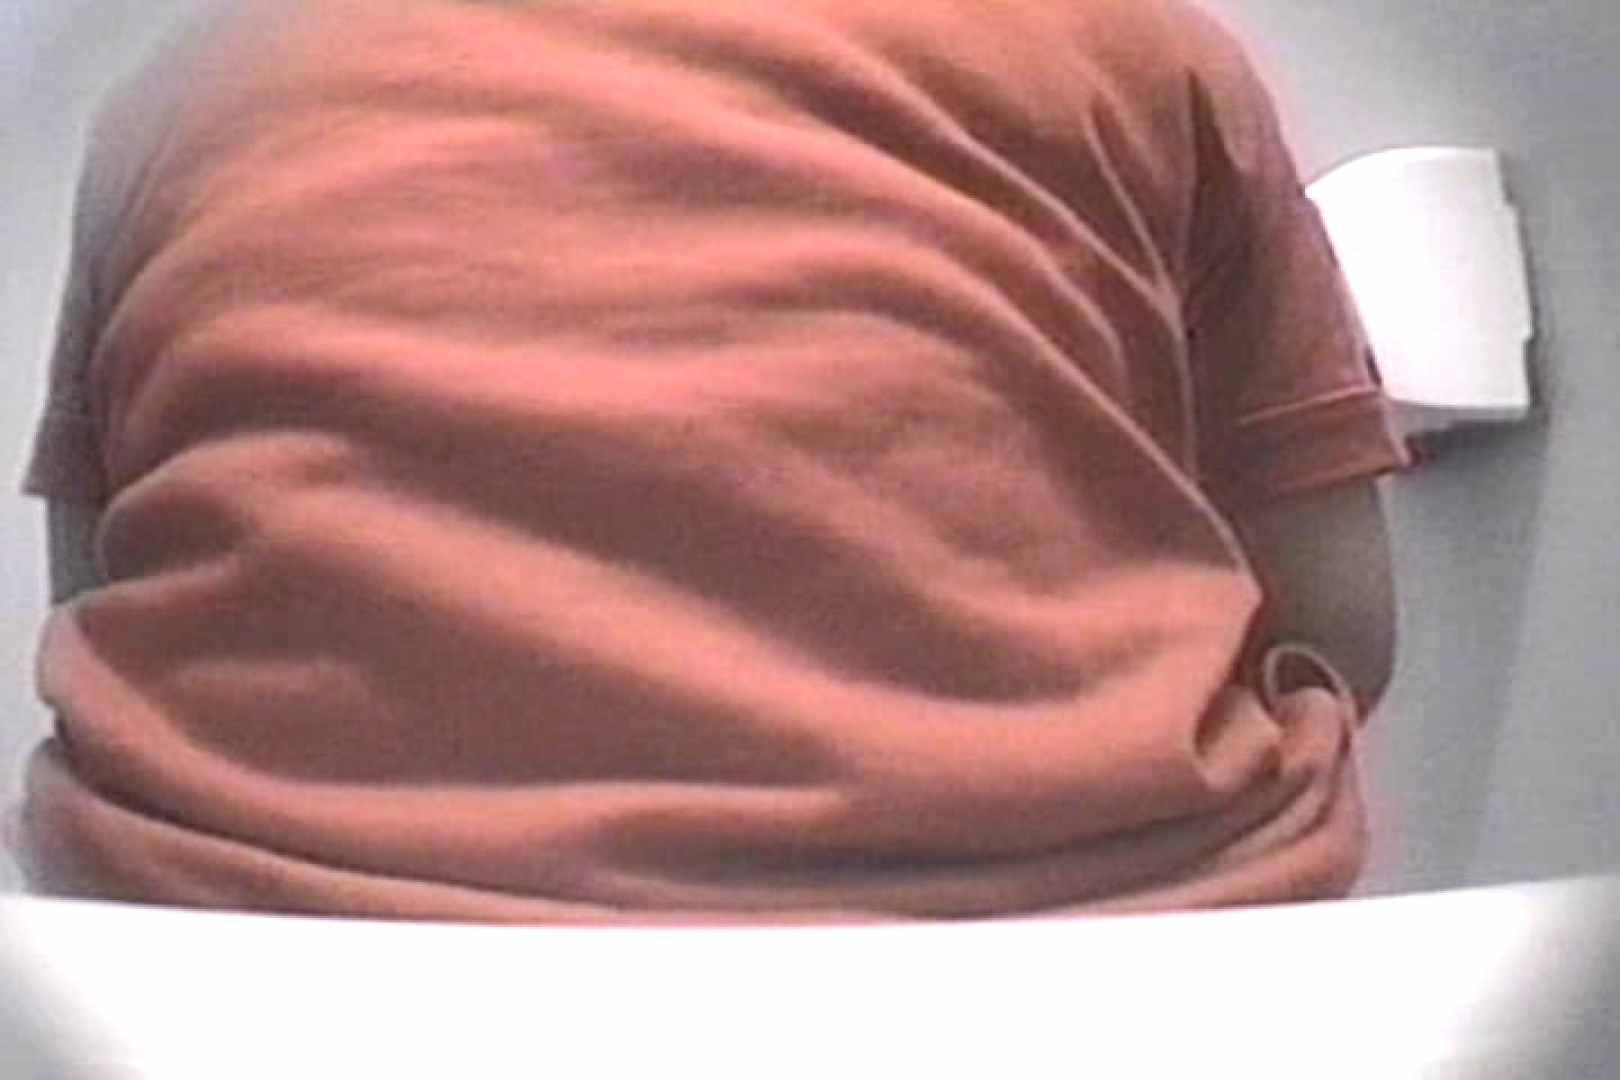 個室狂いのマニア映像Vol.4 洗面所はめどり  61画像 45